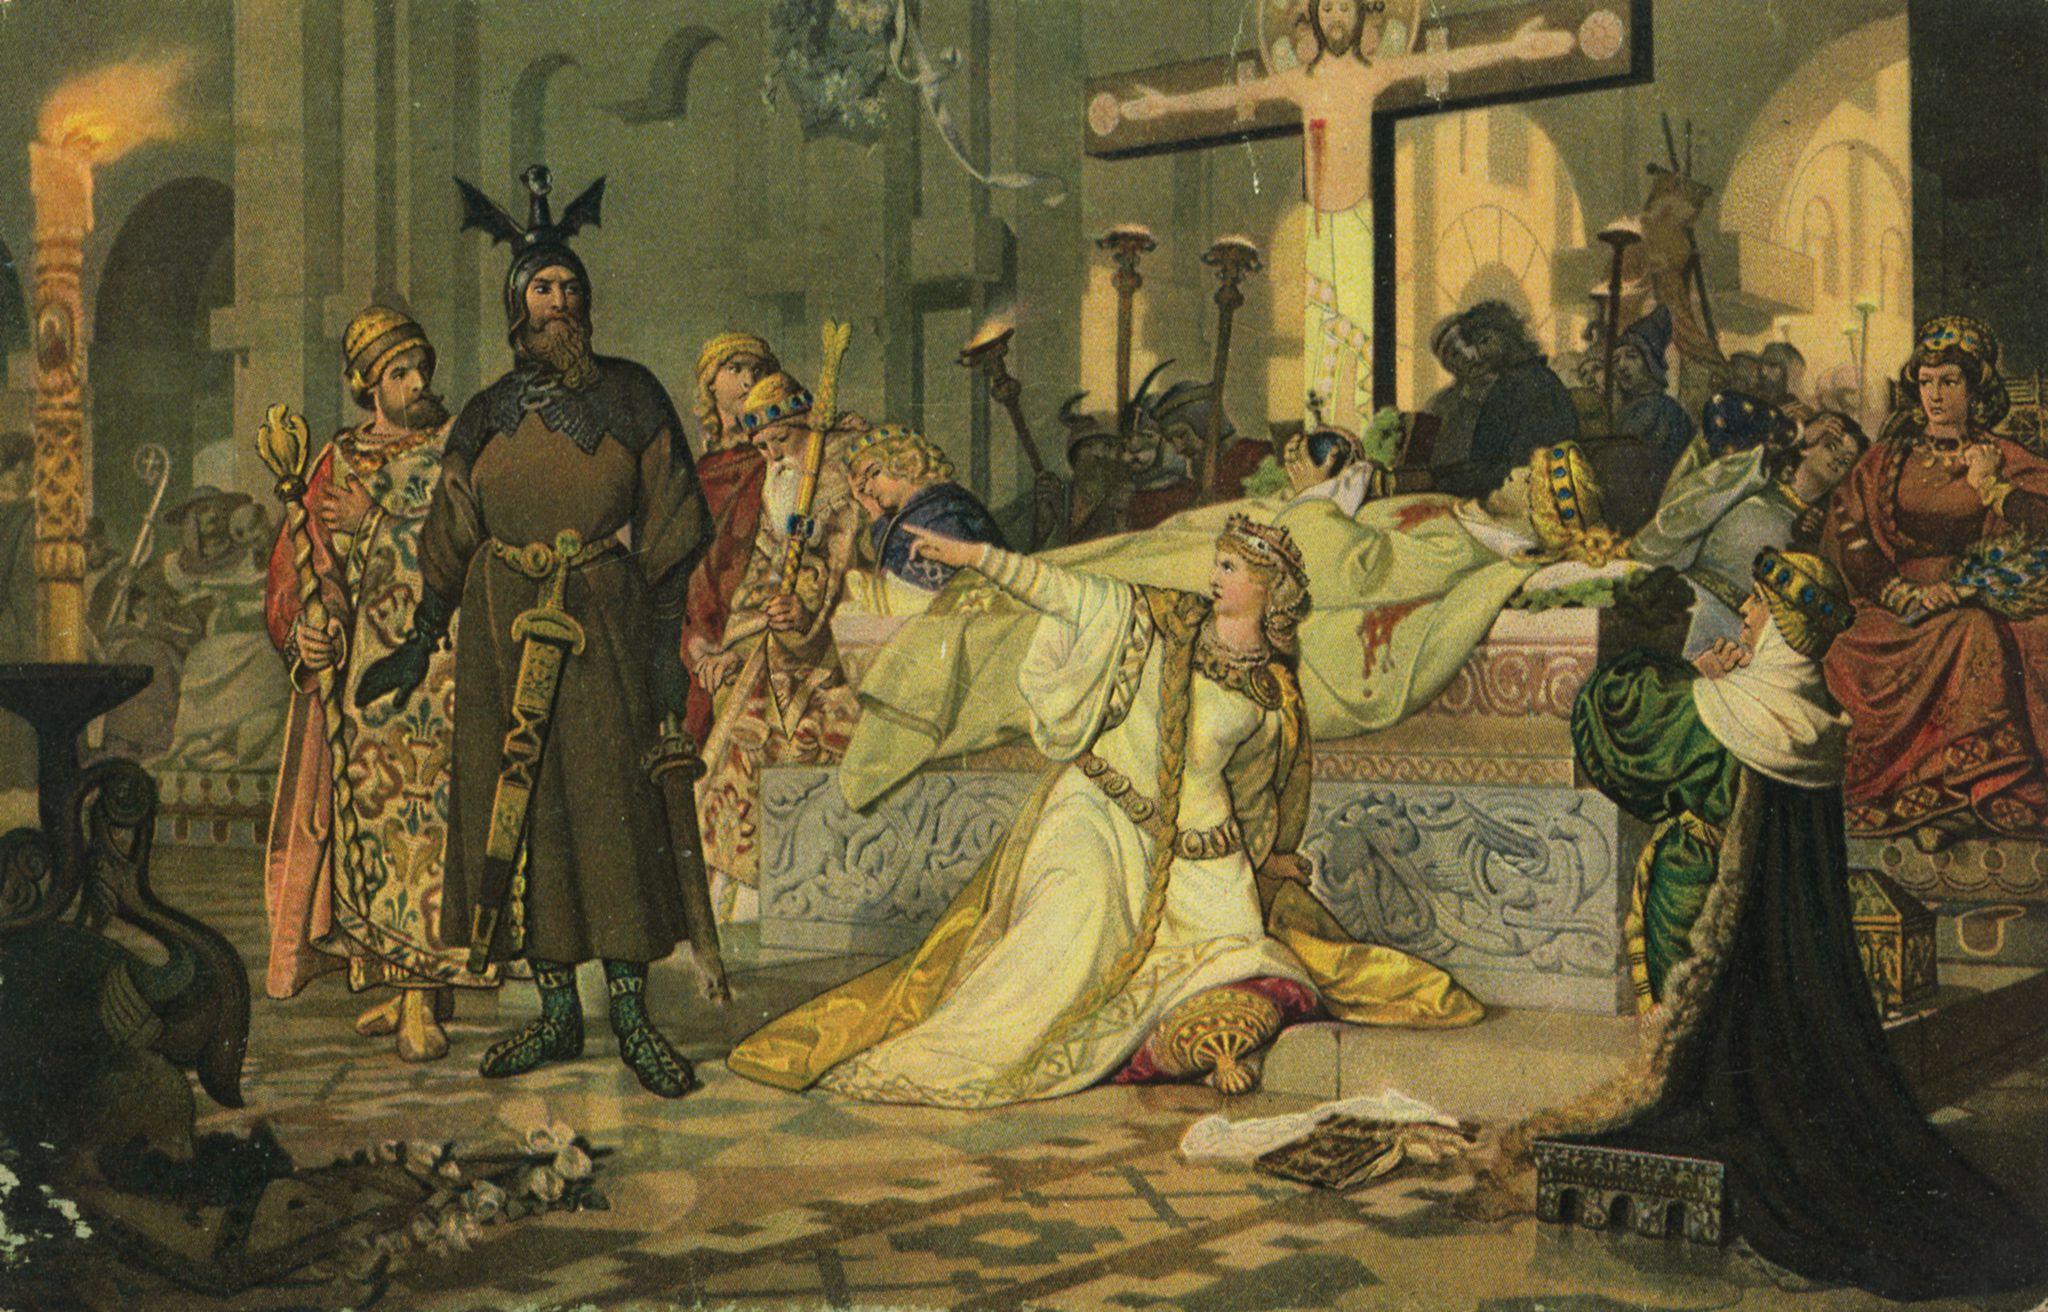 Лекция «Кровавая драма средневековья в разных декорациях: «Старшая Эдда» и «Песнь о нибелунгах»